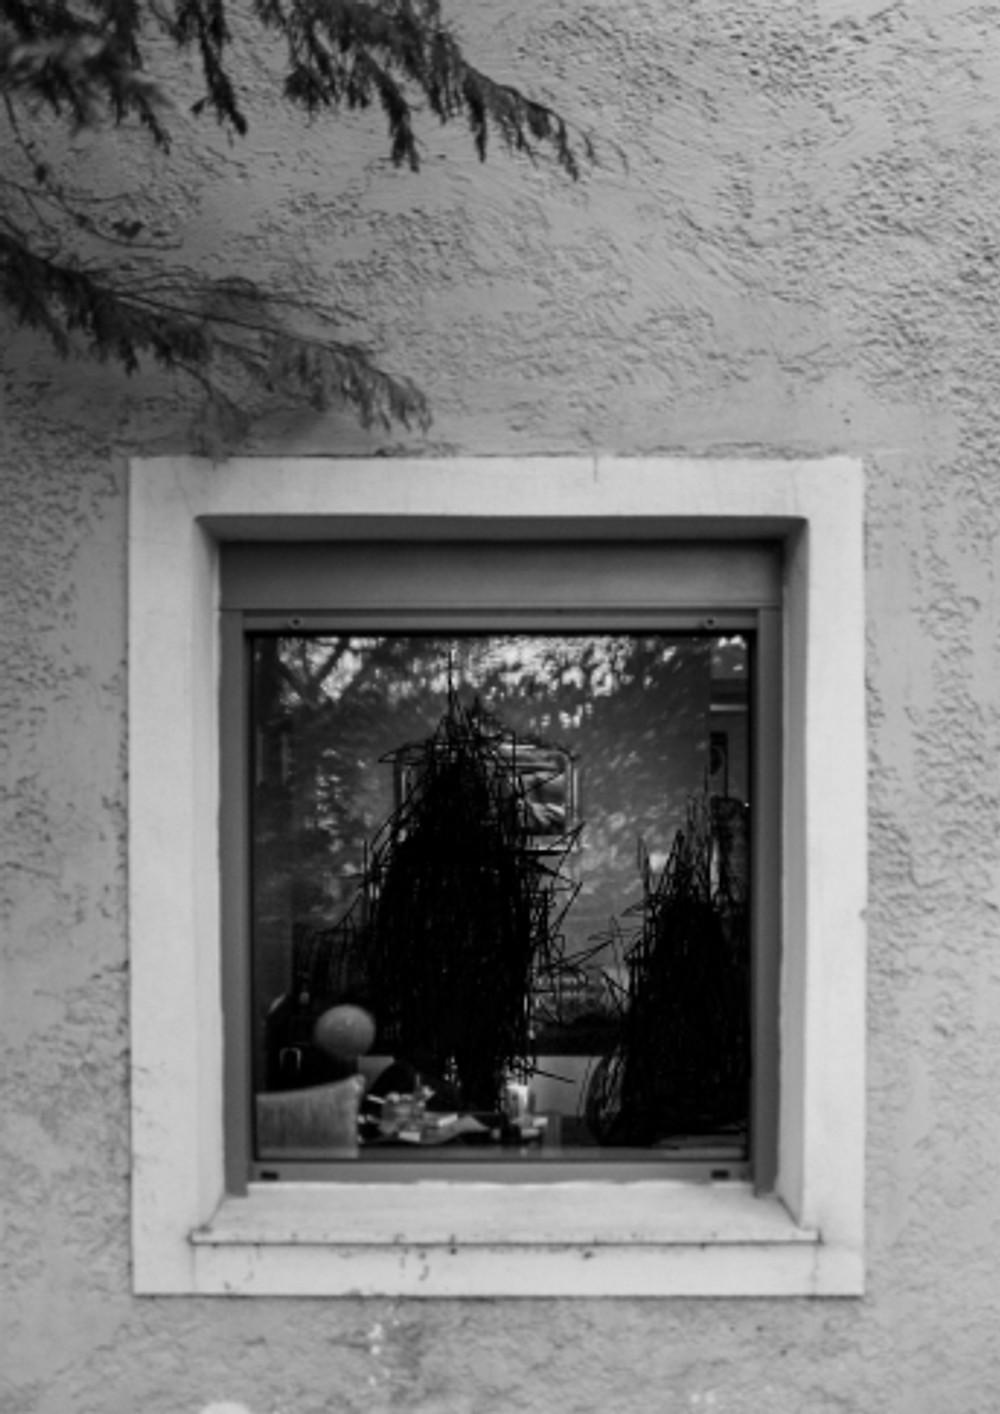 Άτιλτο, ψηφιακή φωτογραφία, 2018